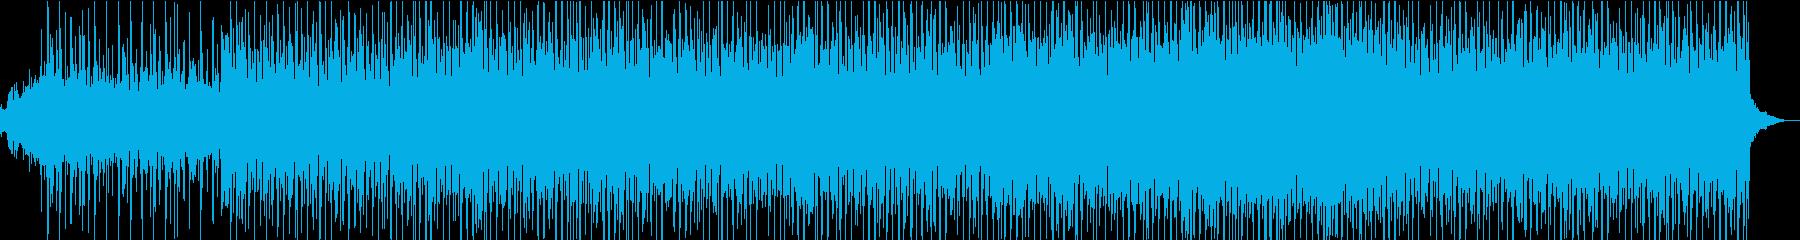 キラキラとしら雰囲気のテクノポップの再生済みの波形